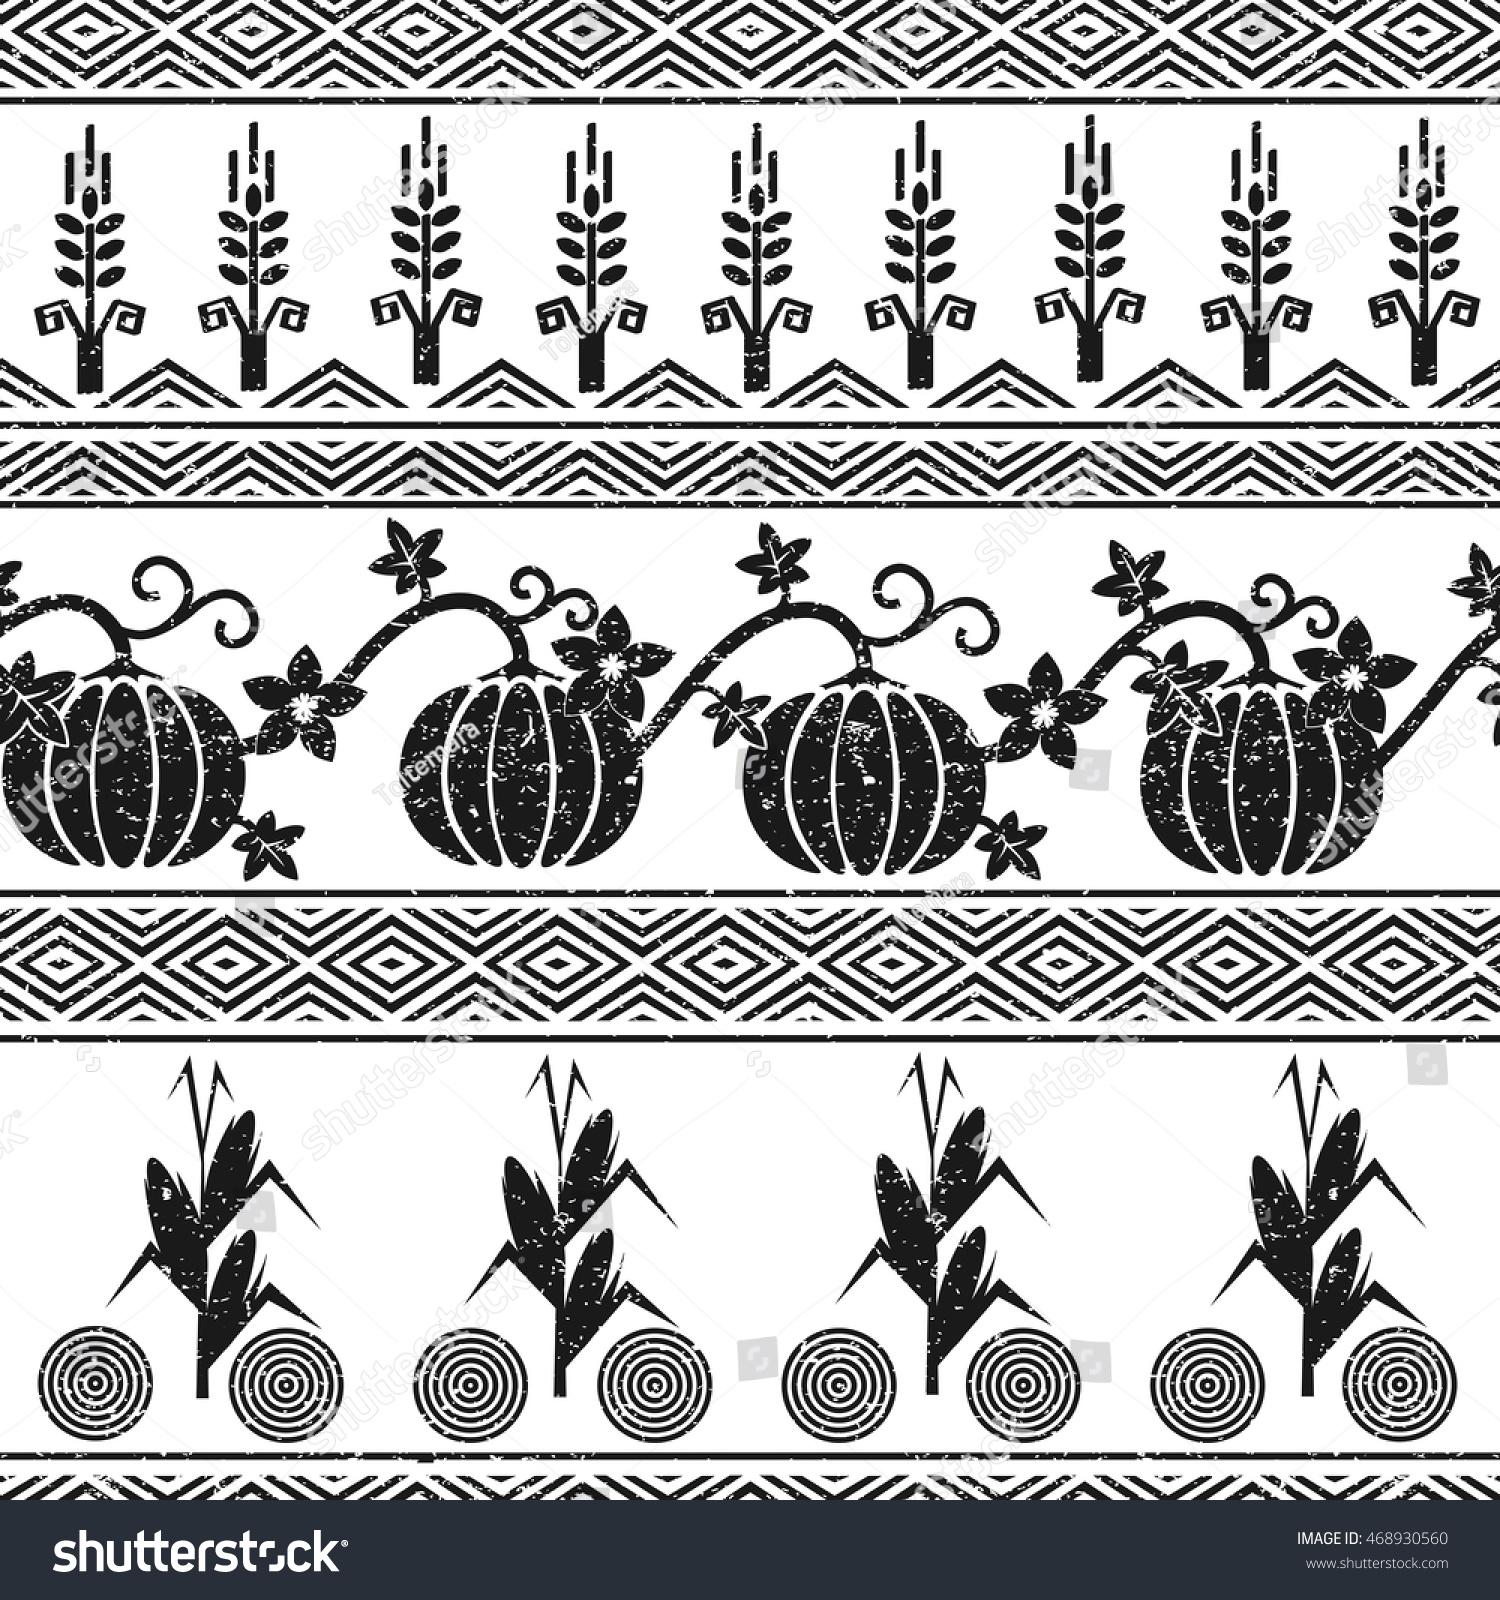 Stylized seamless background wheat corn pumpkins stock vector stylized seamless background with wheat corn pumpkins and native american indians symbols buycottarizona Gallery